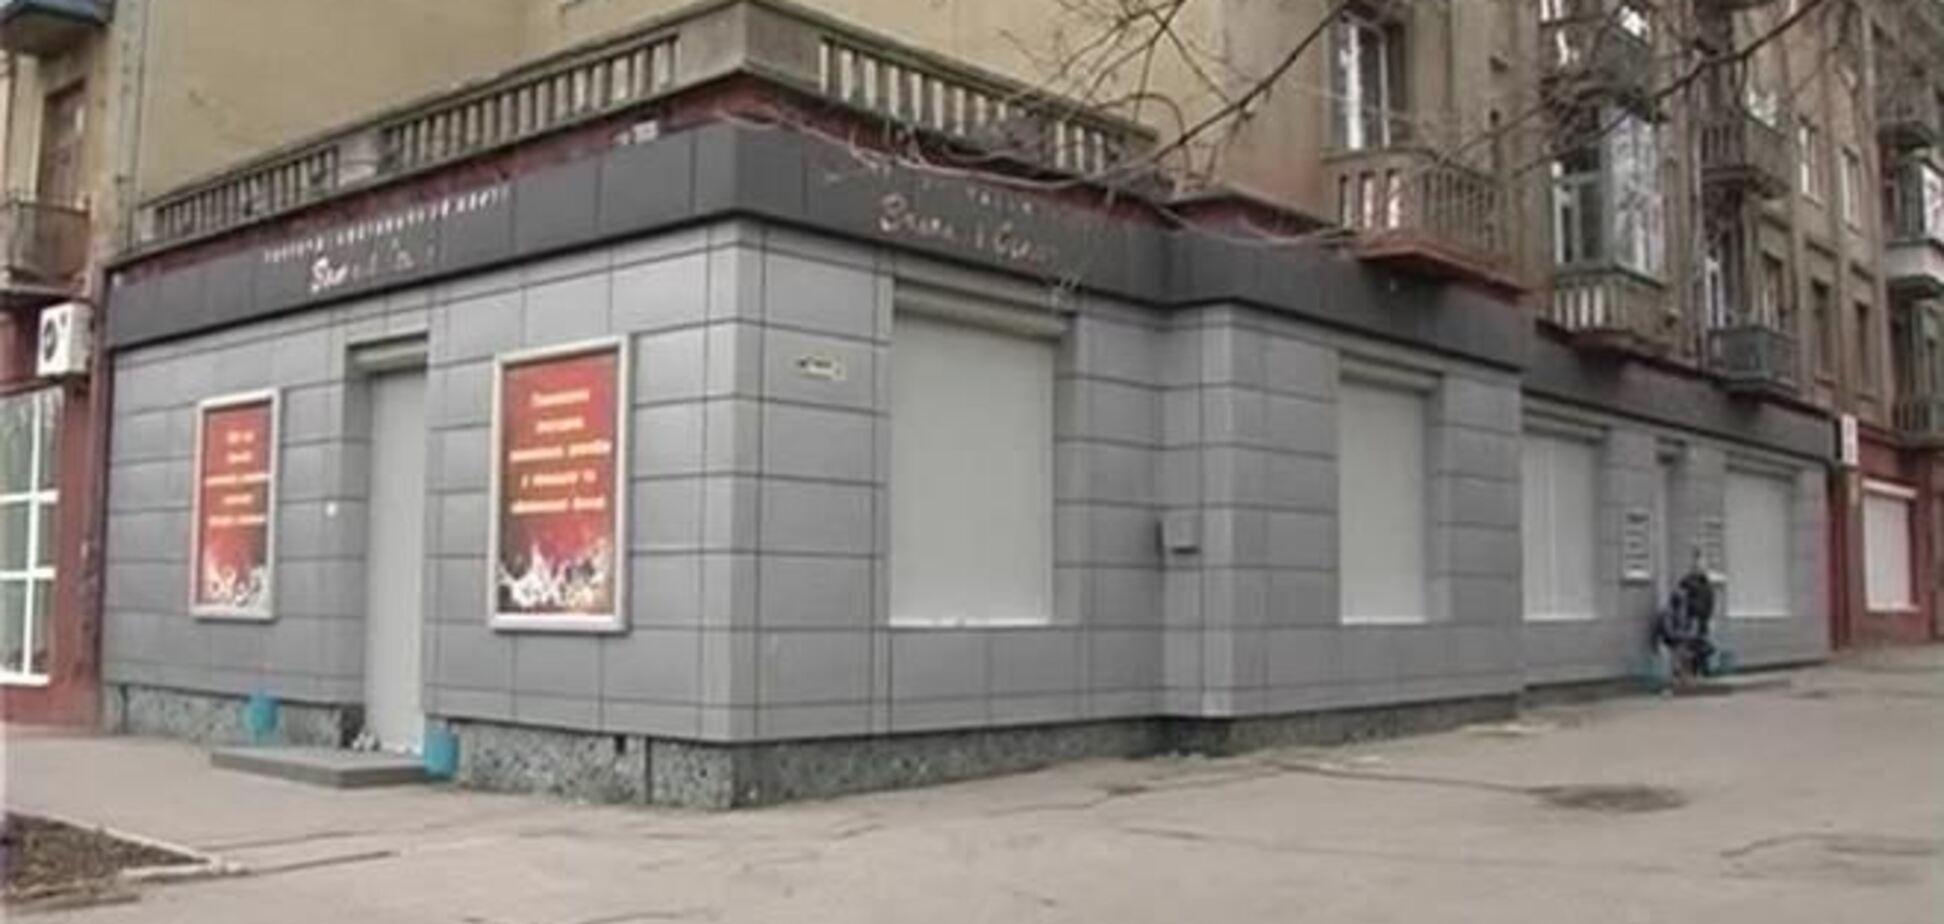 Ограбление 'ювелирки' в Харькове: обнародованы фото подозреваемых